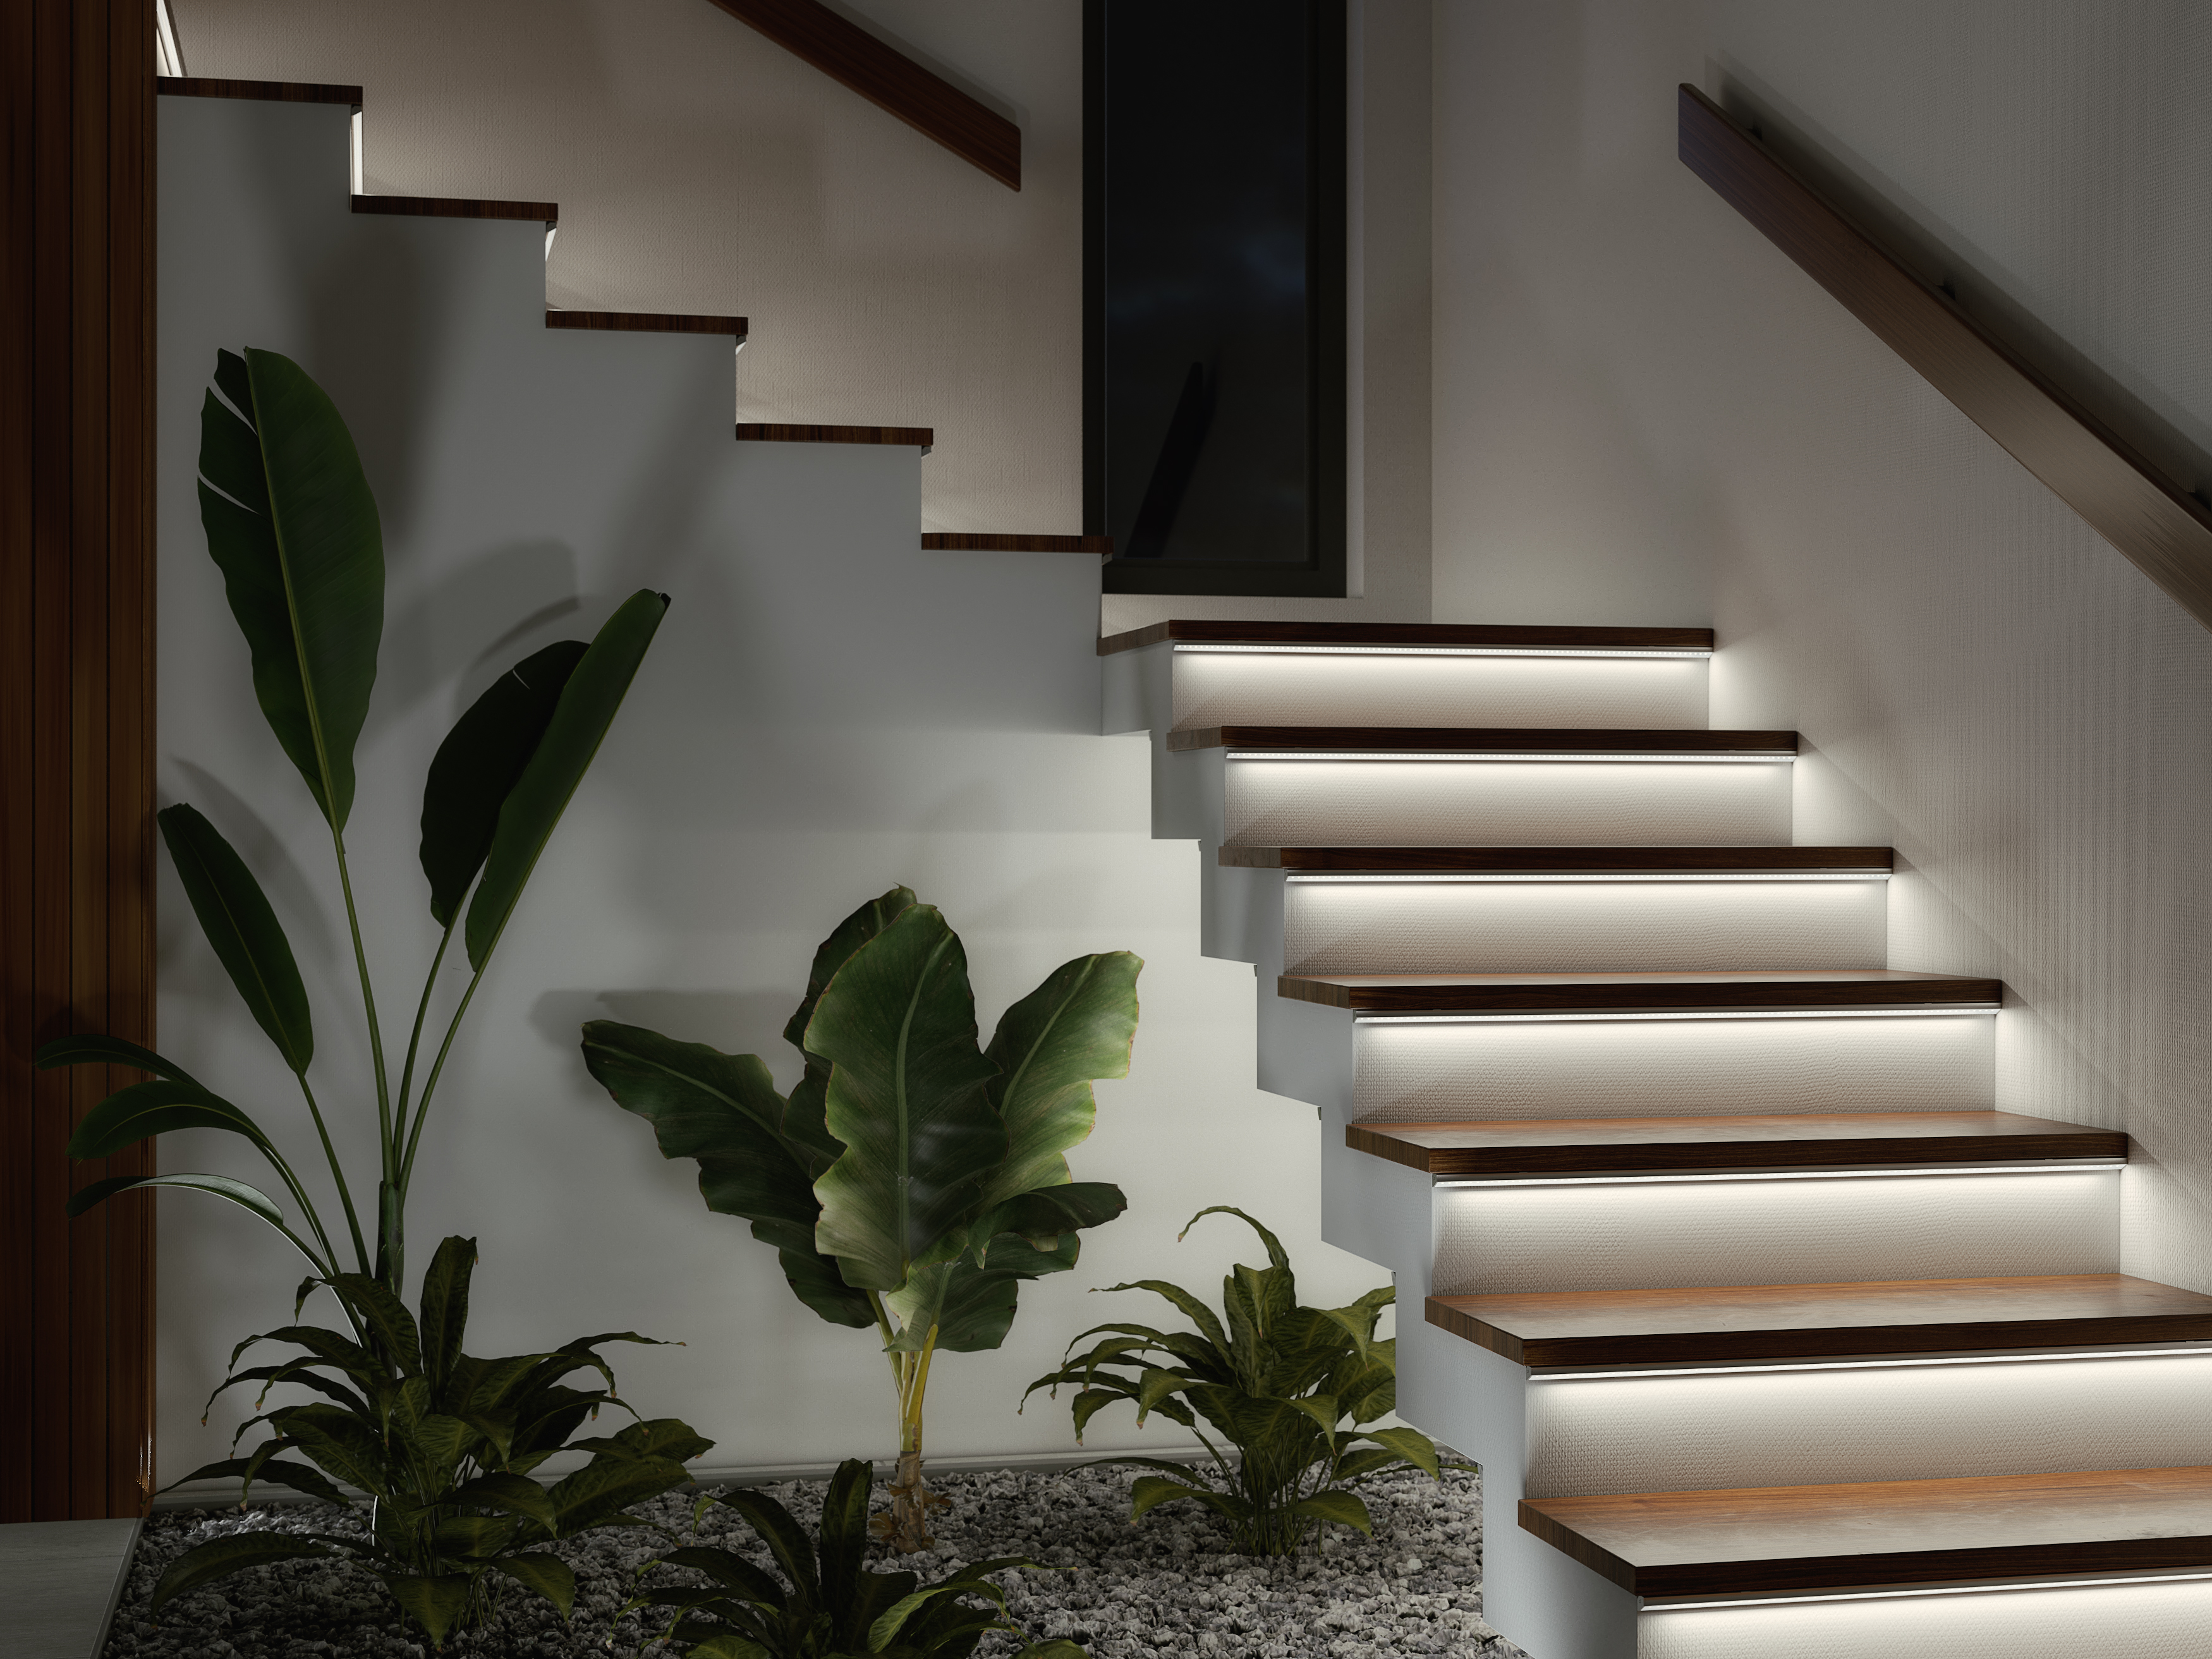 Efektowne oświetlenie schodów - oczka czy taśmy LED w profilu LED